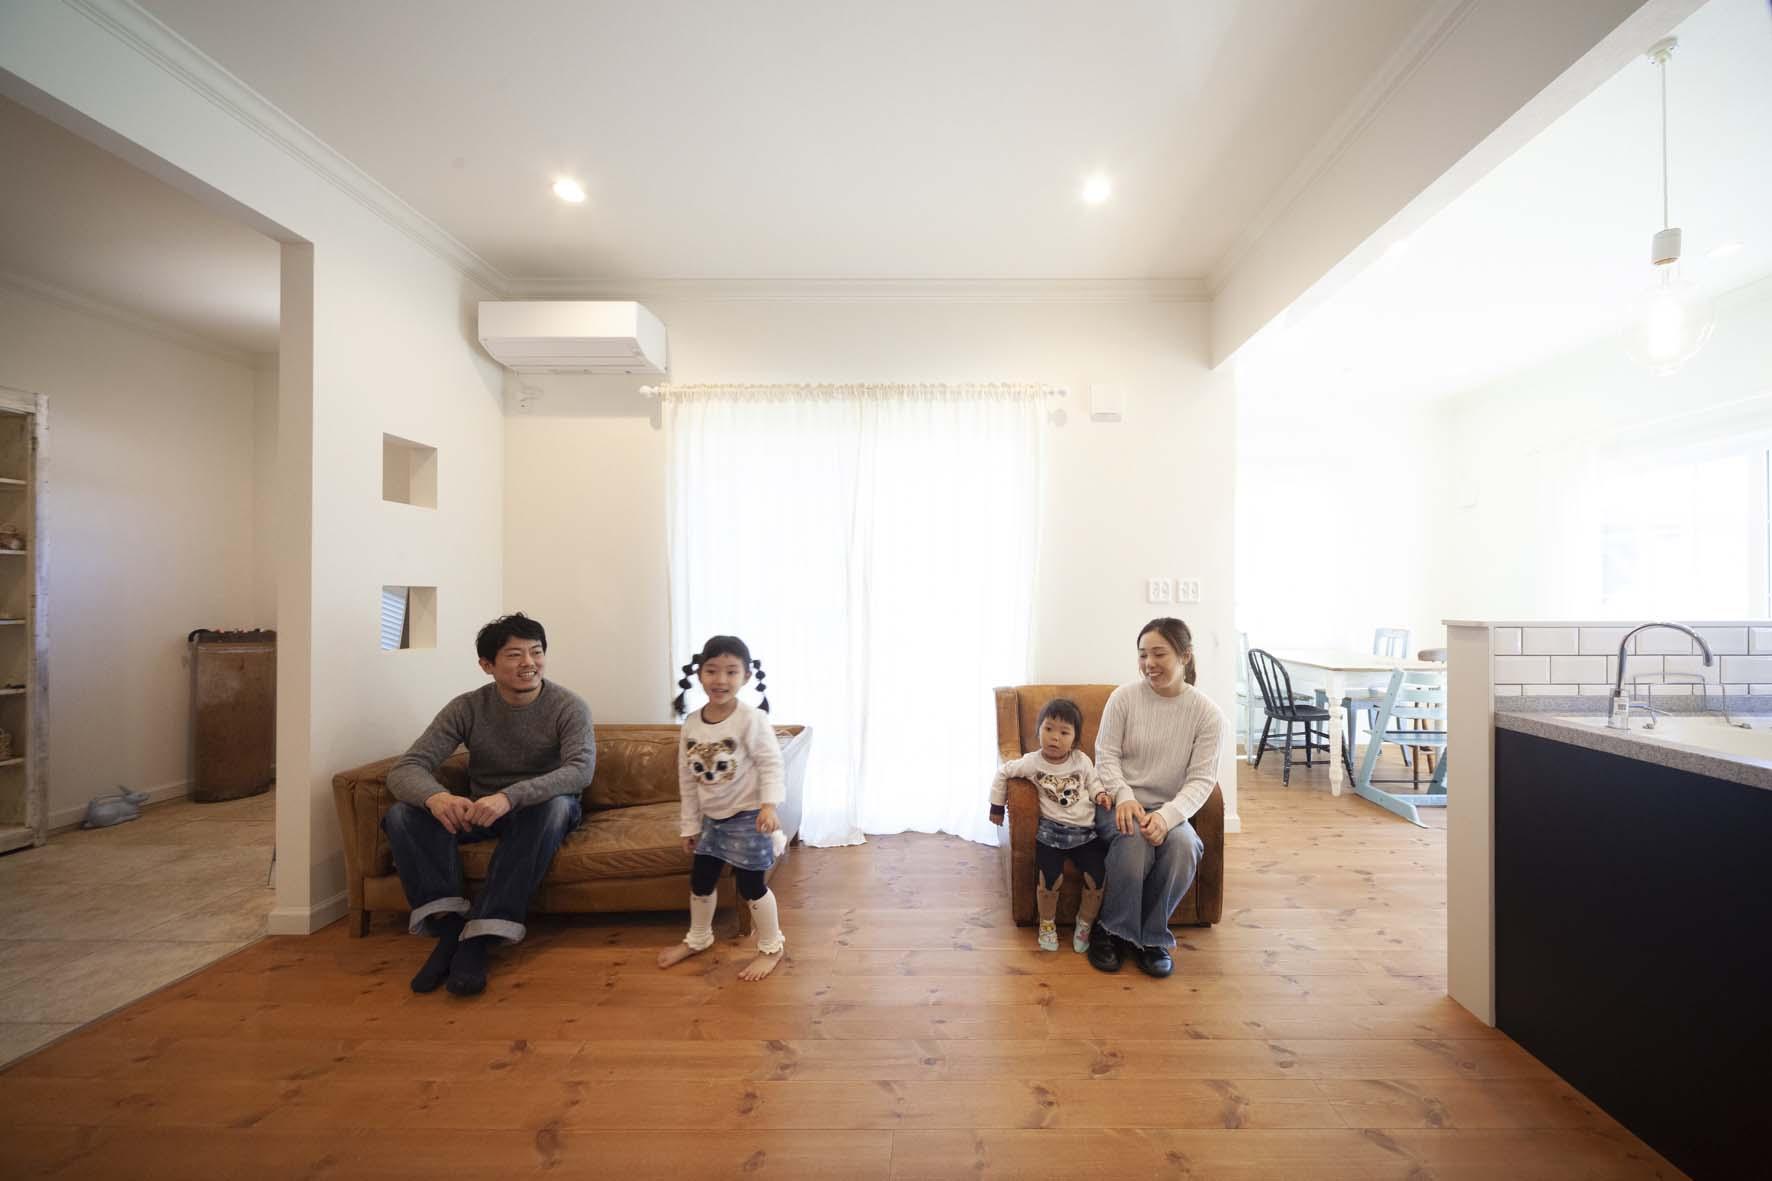 輸入住宅の新トレンド 「インダストリアル」でかっこよく暮らす